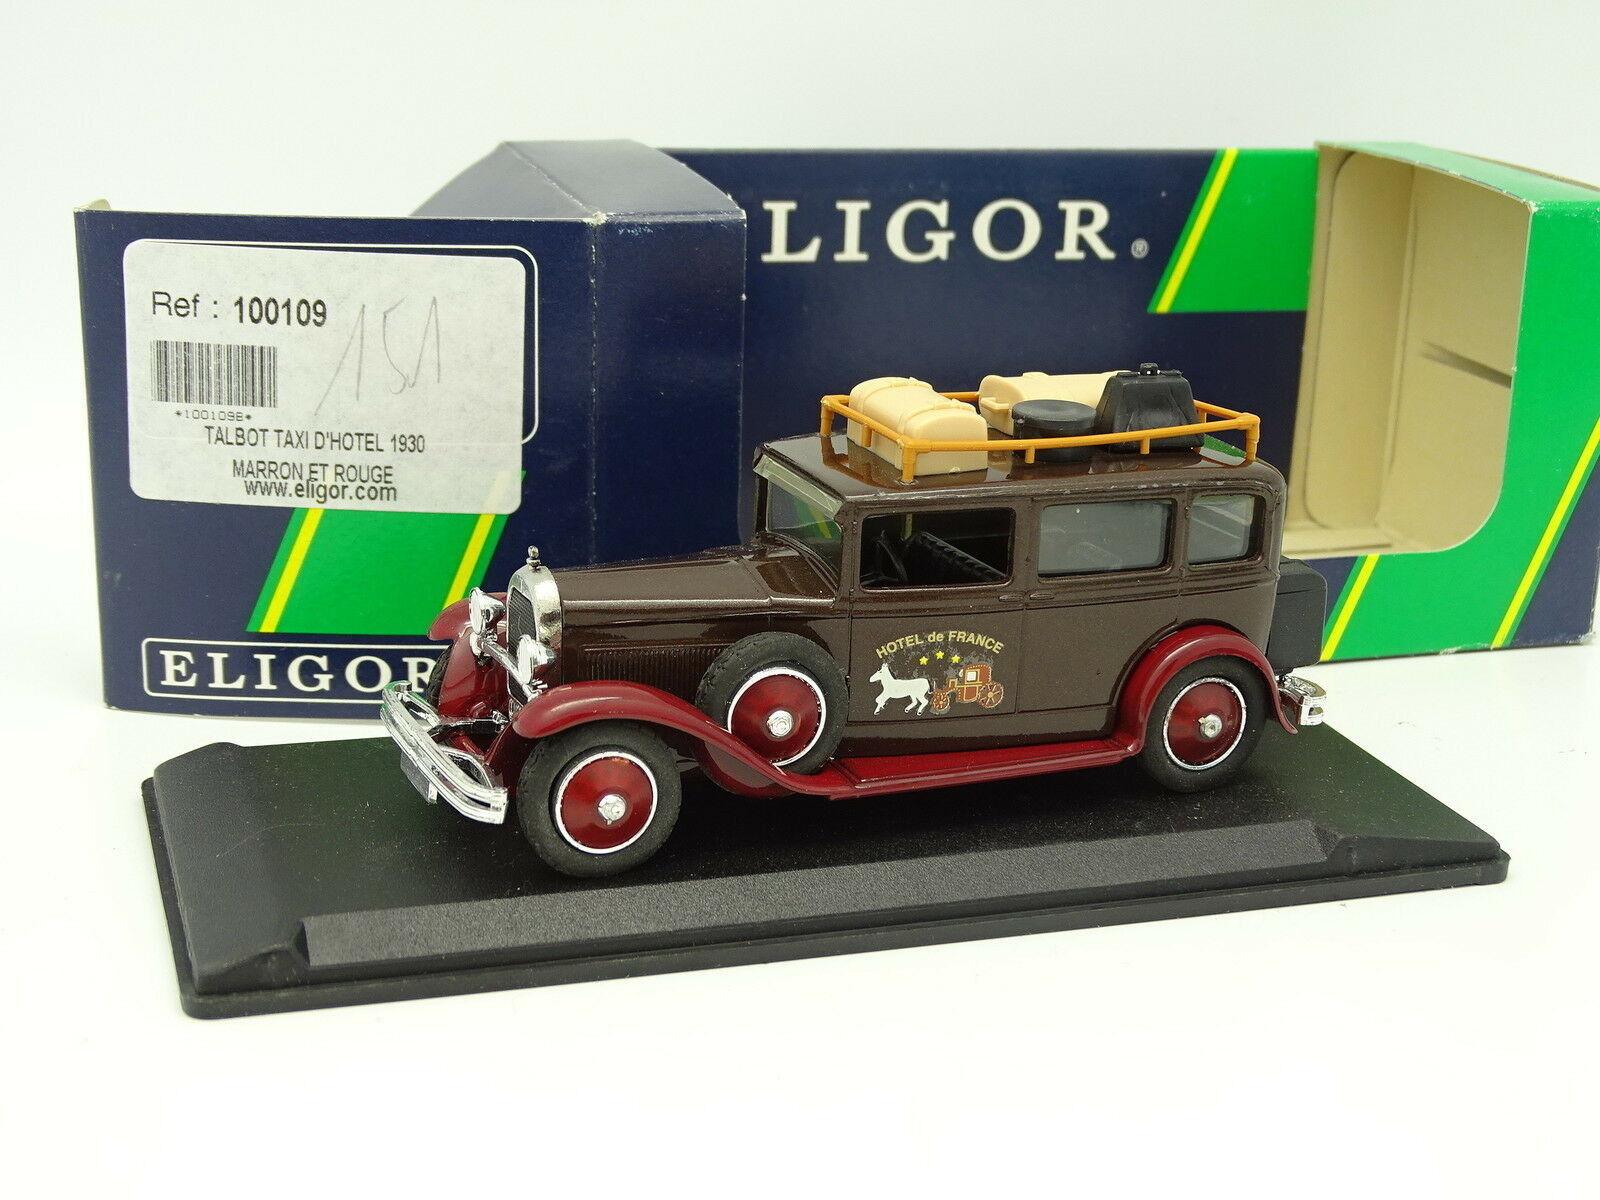 Eligor 1 43 - Talbot Taxi d'Hotel 1930